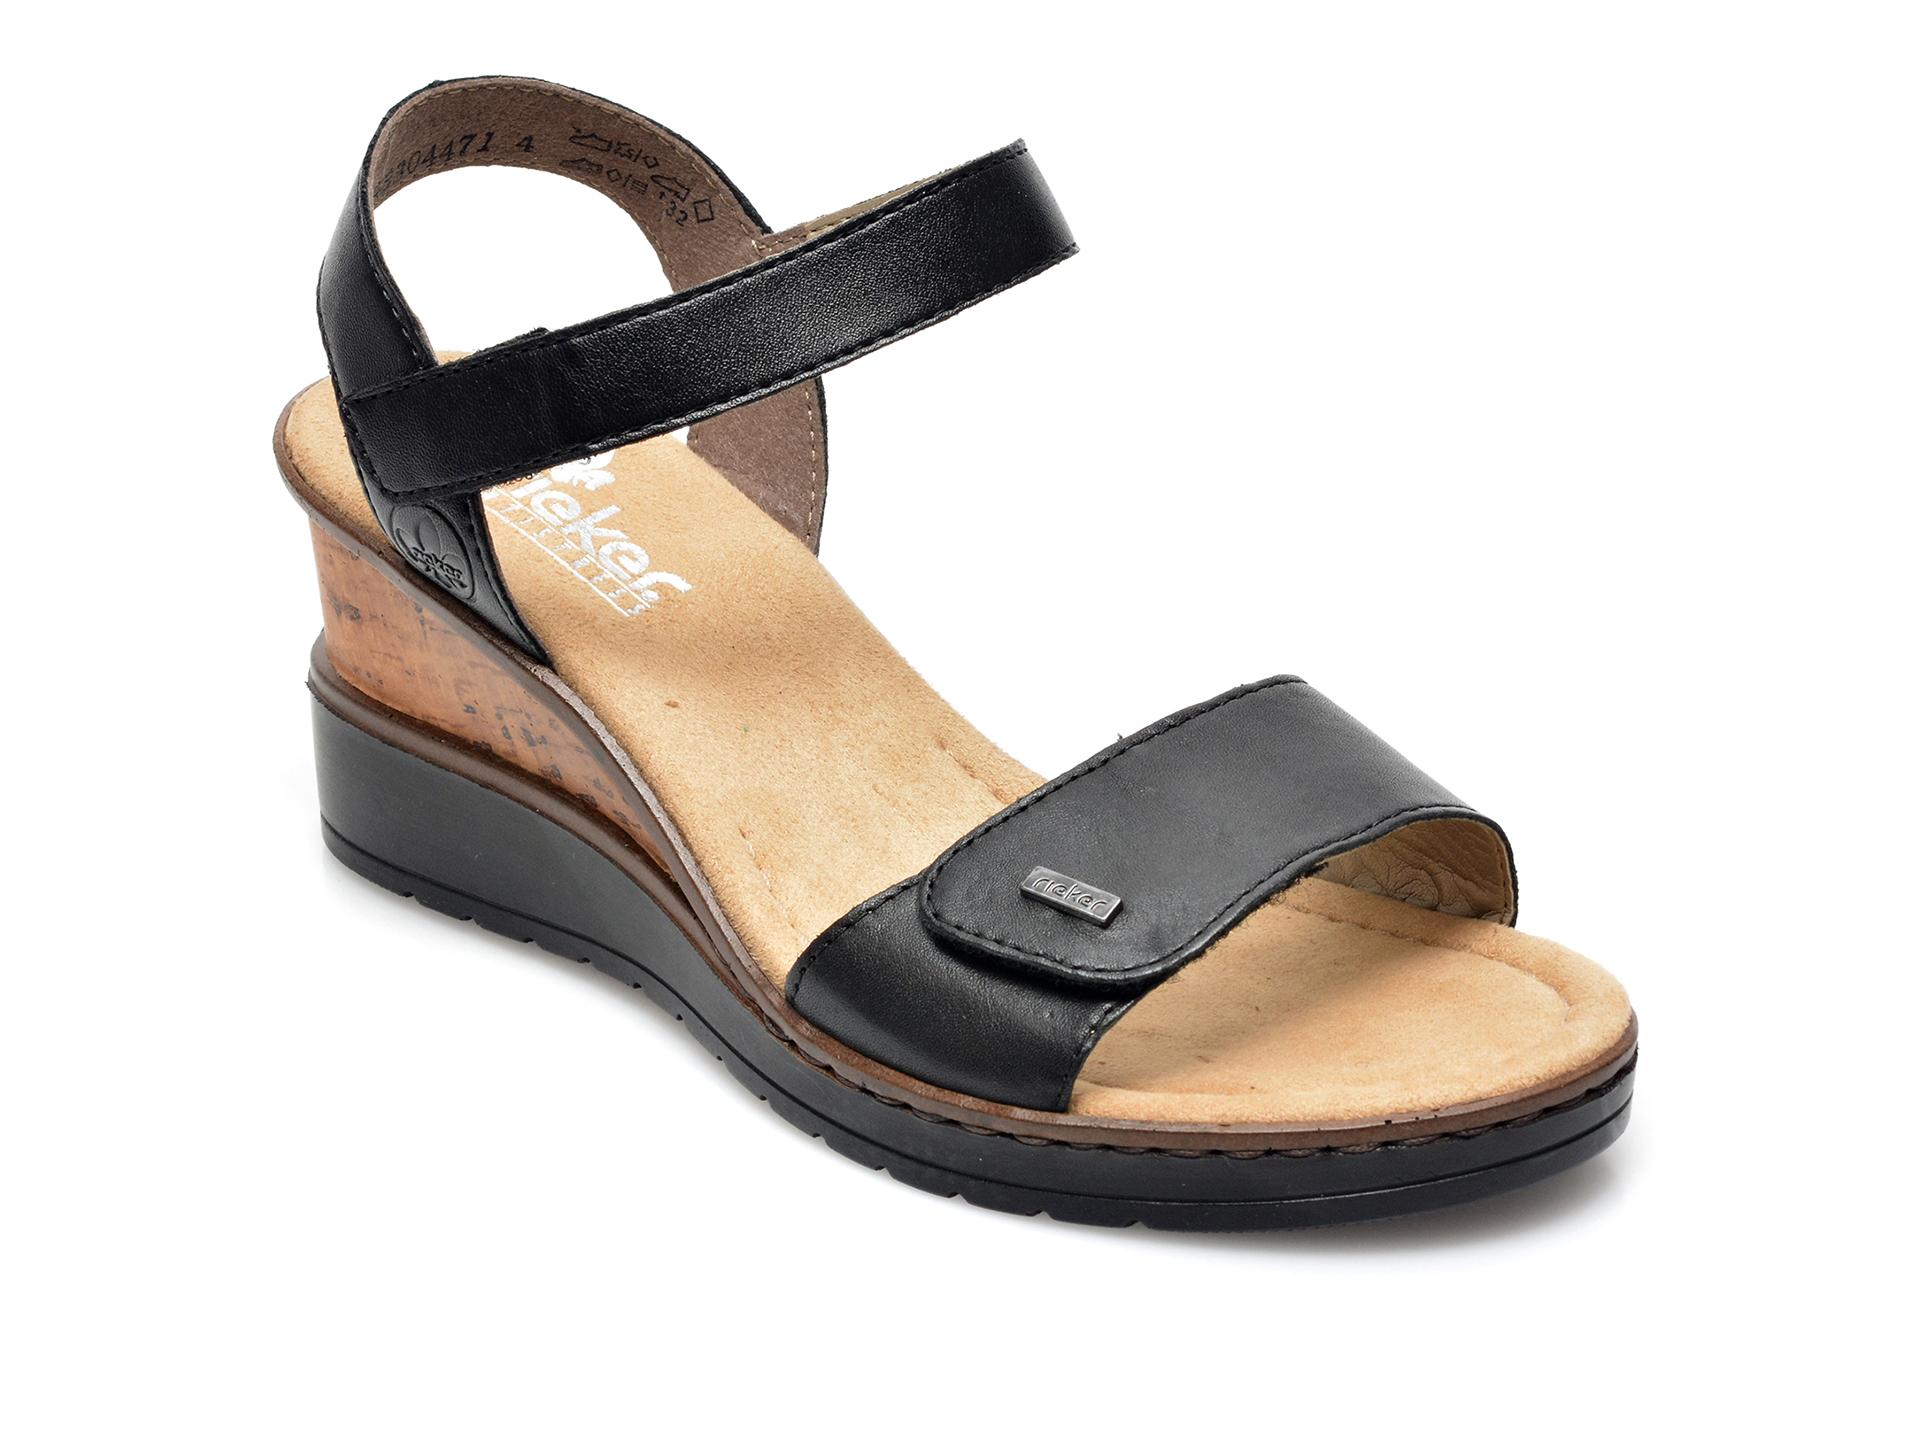 Sandale RIEKER negre, V3554, din piele naturala imagine otter.ro 2021